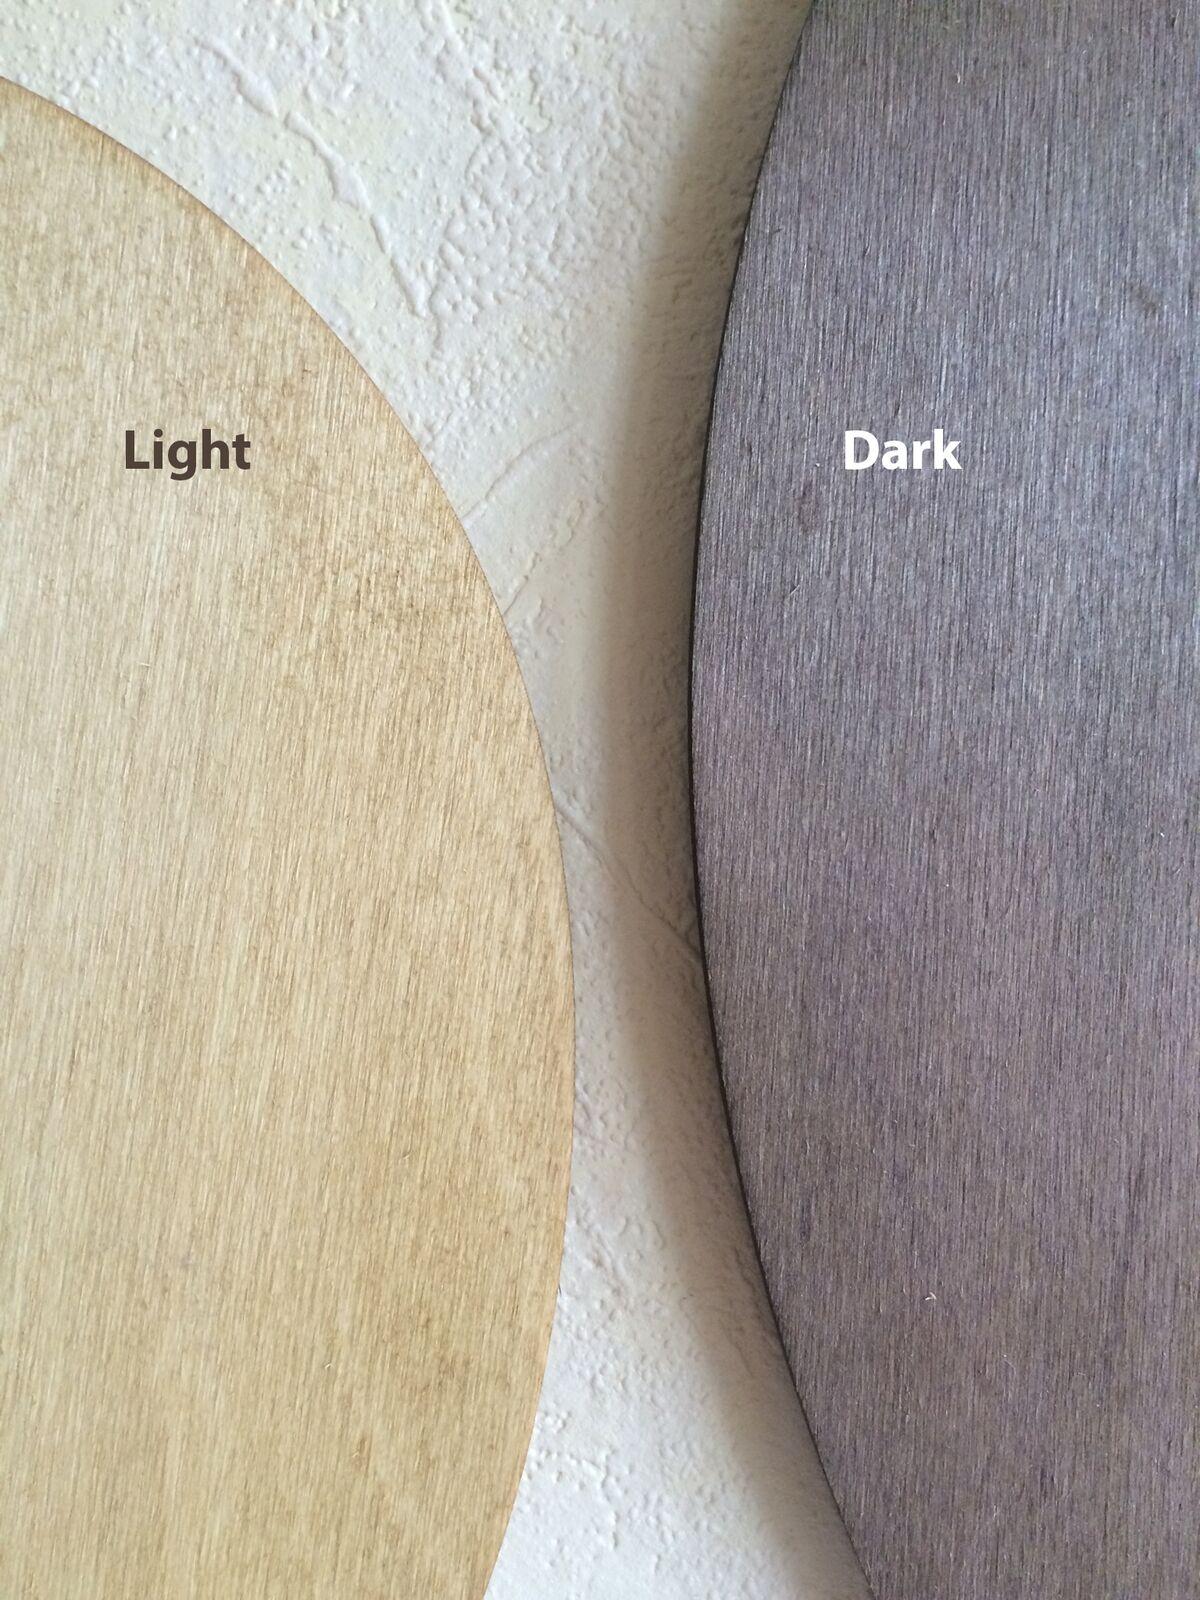 In legno Infinity Knot intaglio Appeso Decorazione ARTE OPERA OPERA OPERA D'ARTE RUSTICO Geographic fad286